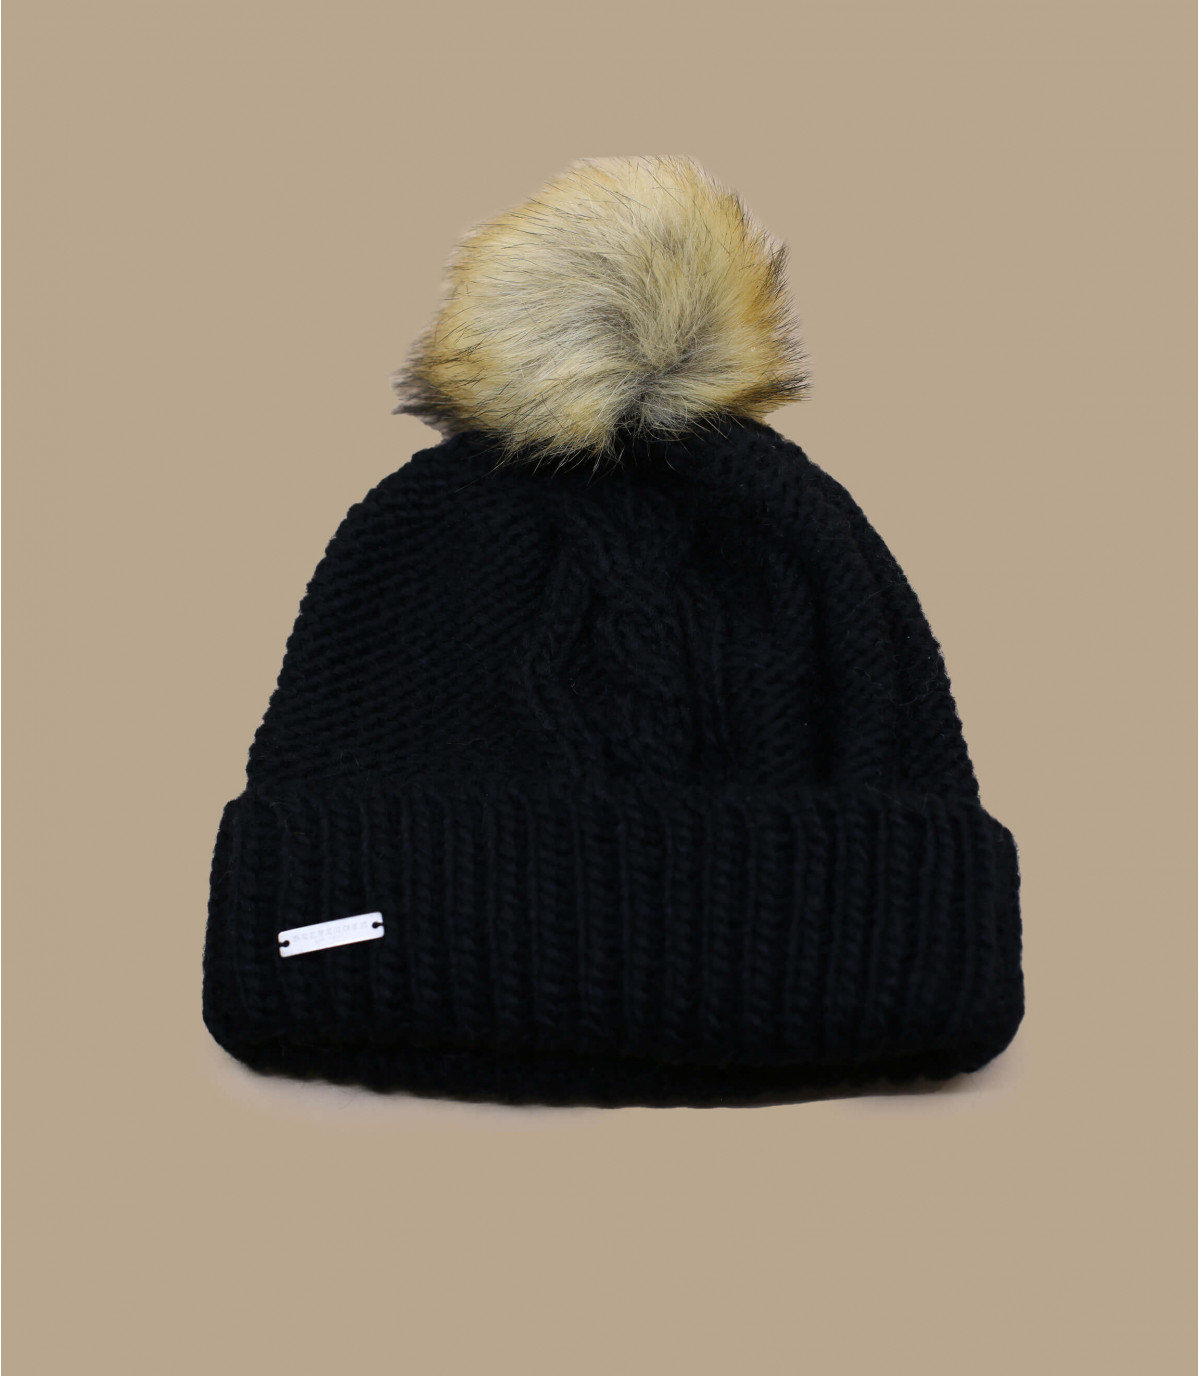 sombrero de la solapa de la borla de negro